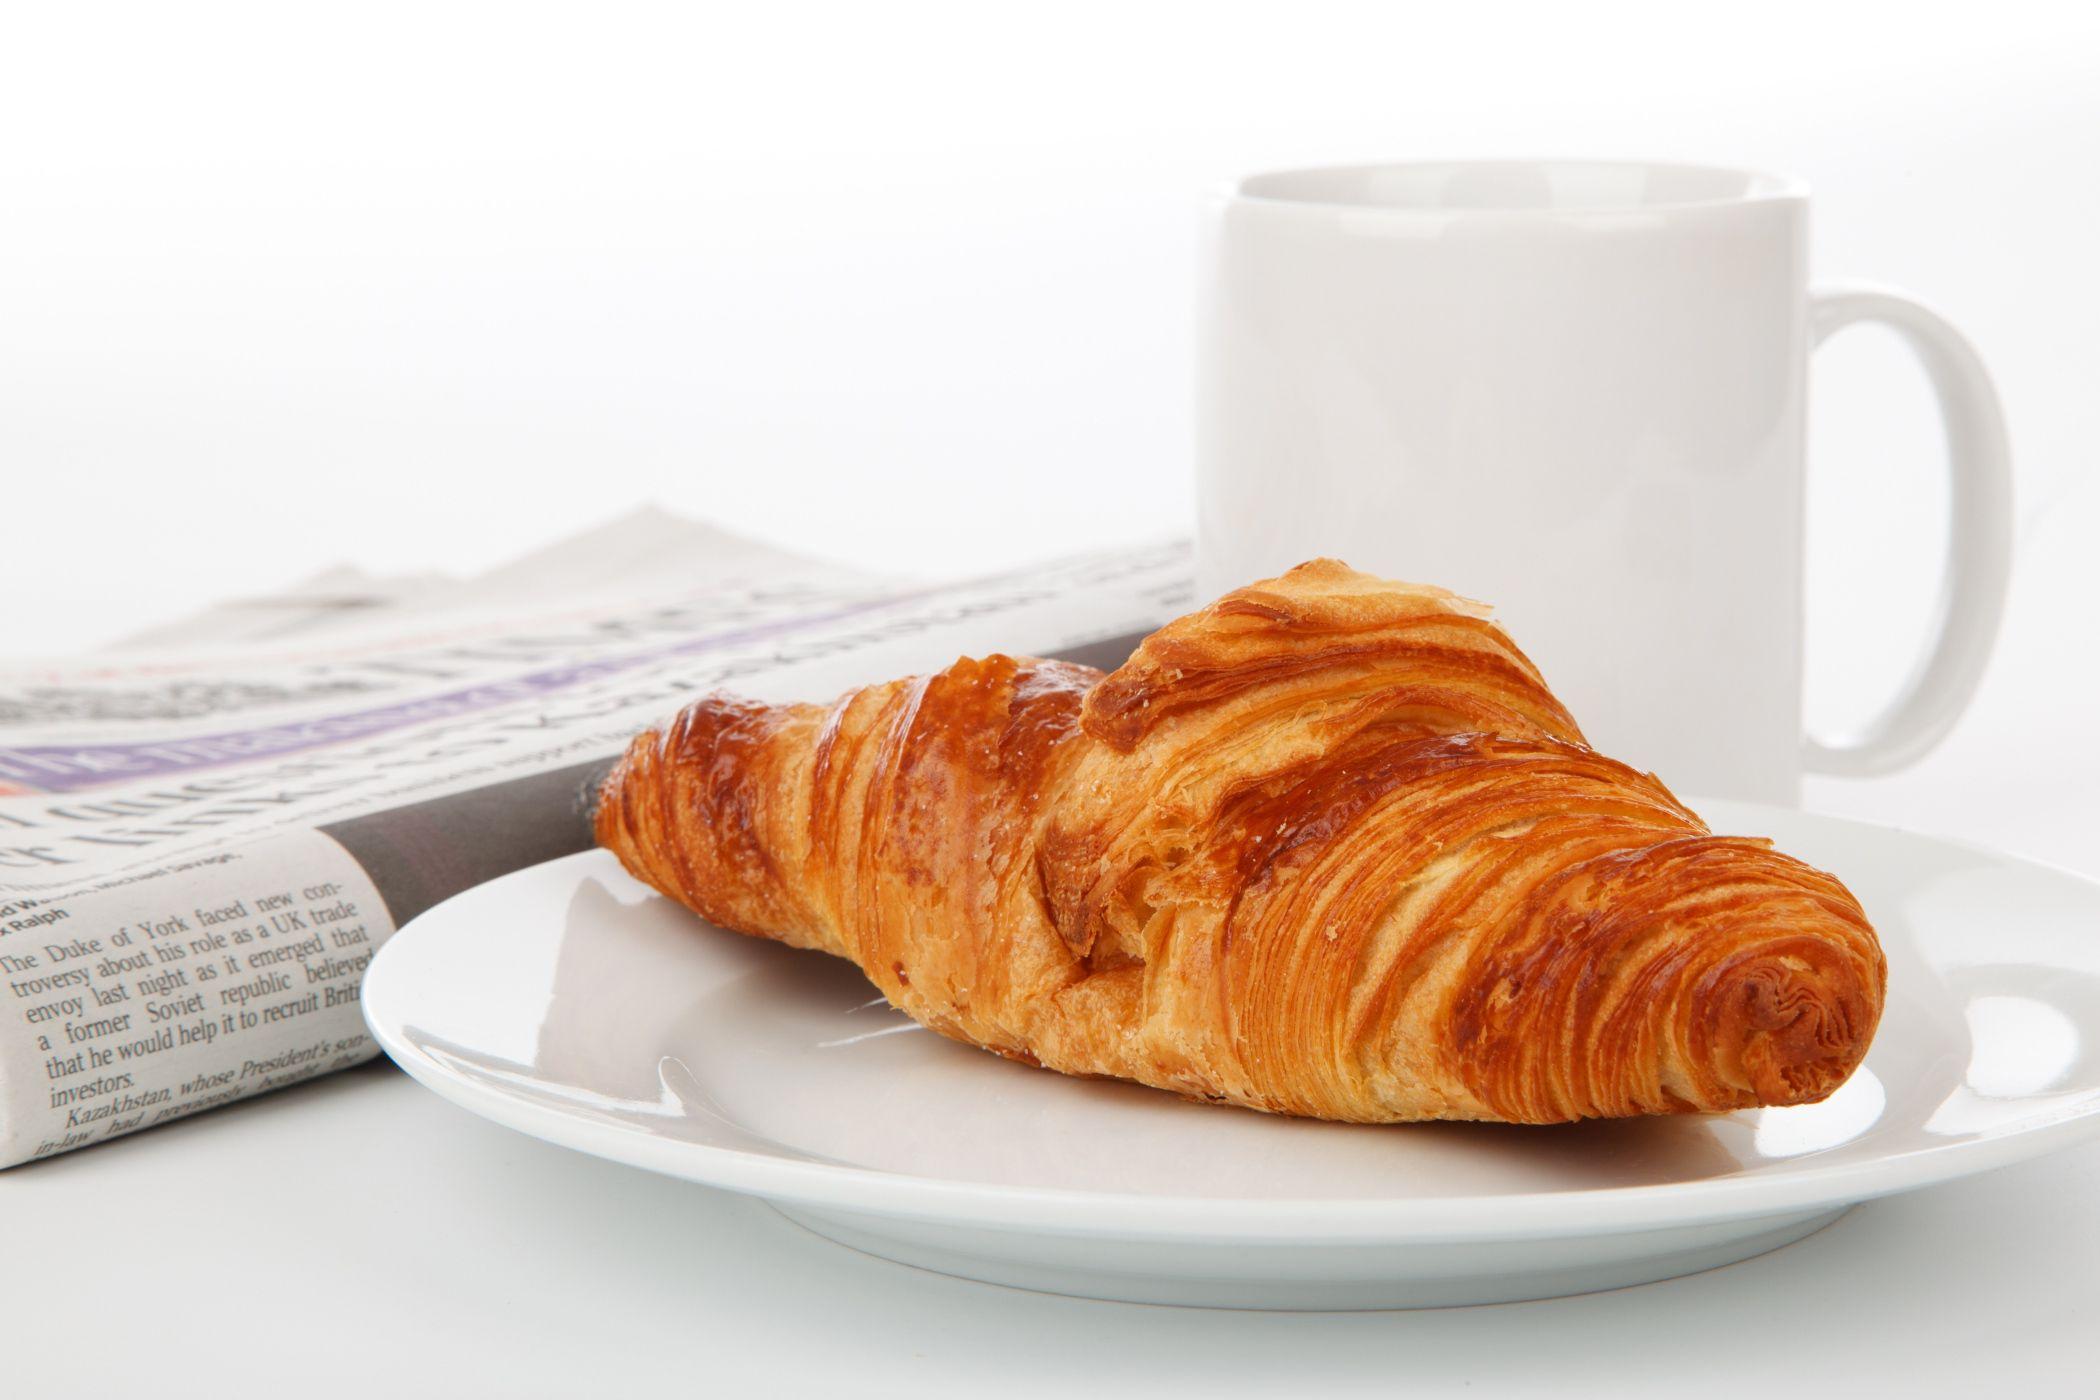 Obrázek Dobré ráno, Vše,co každé ráno potřebujete vědět: informace o…